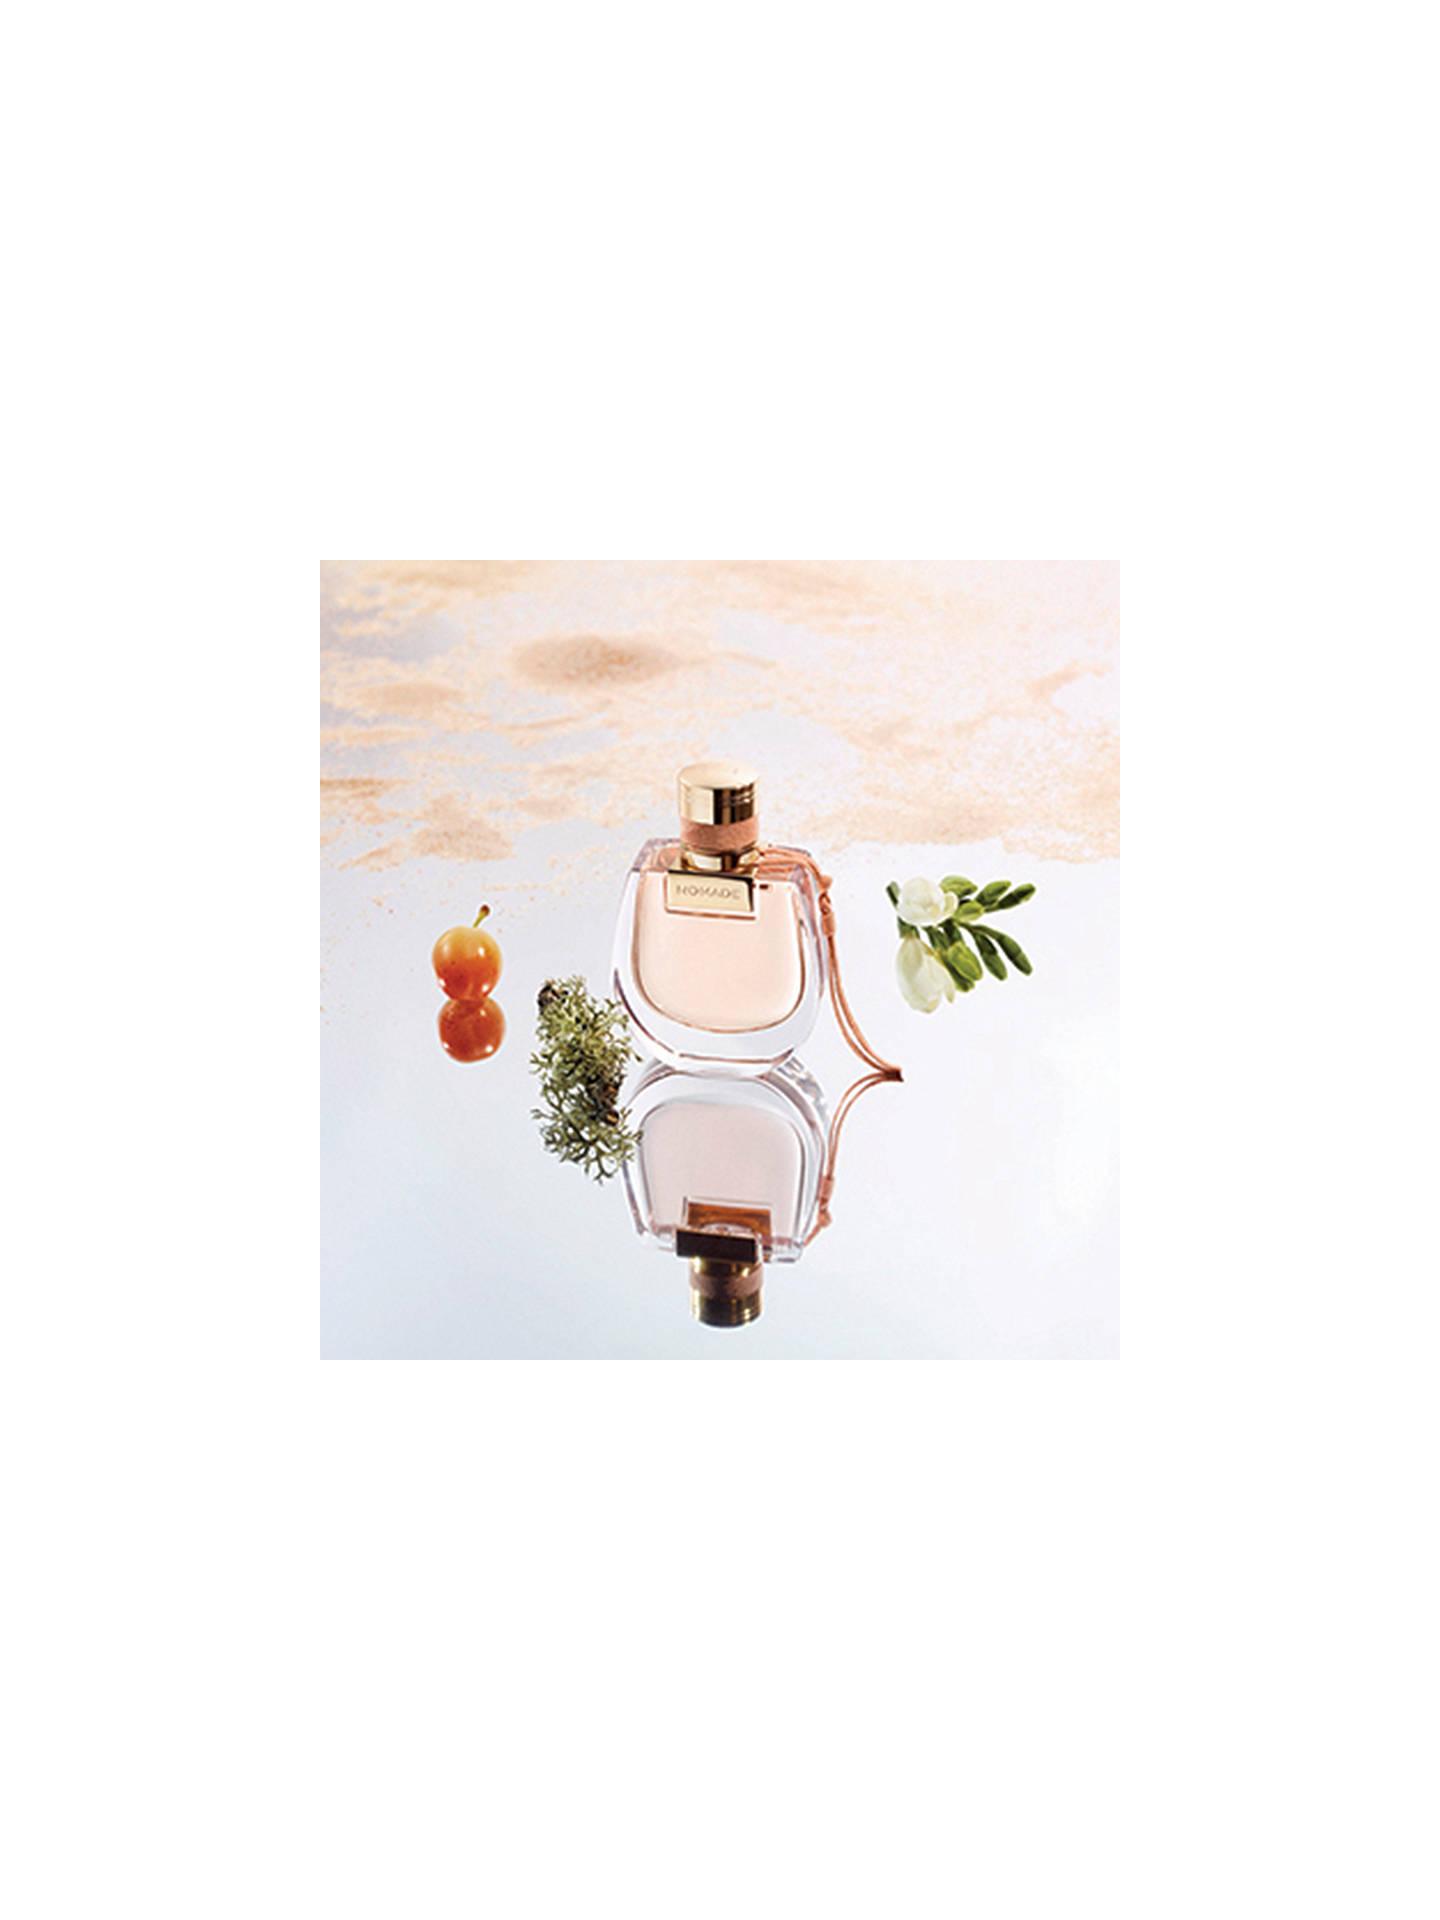 Chloé Nomade Eau De Parfum At John Lewis Partners